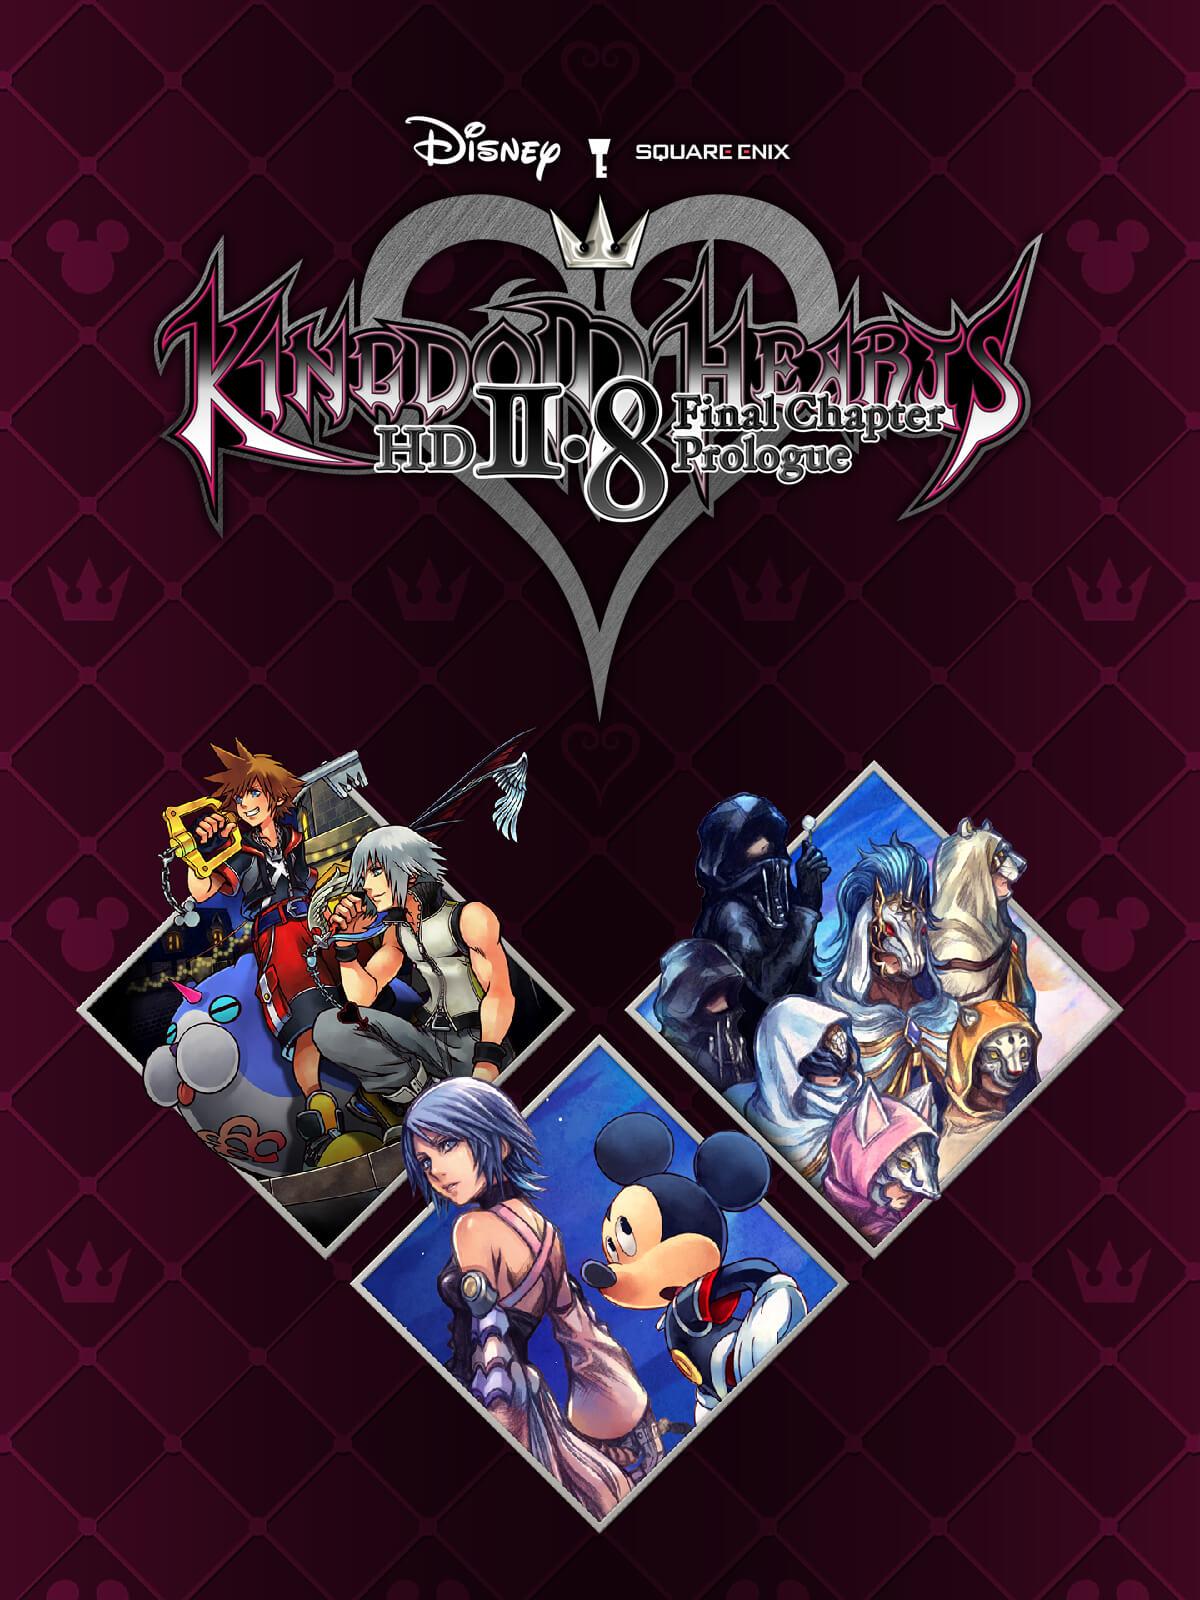 Kingdom Hearts 3 Poster (RENDER) by Raprankster on DeviantArt